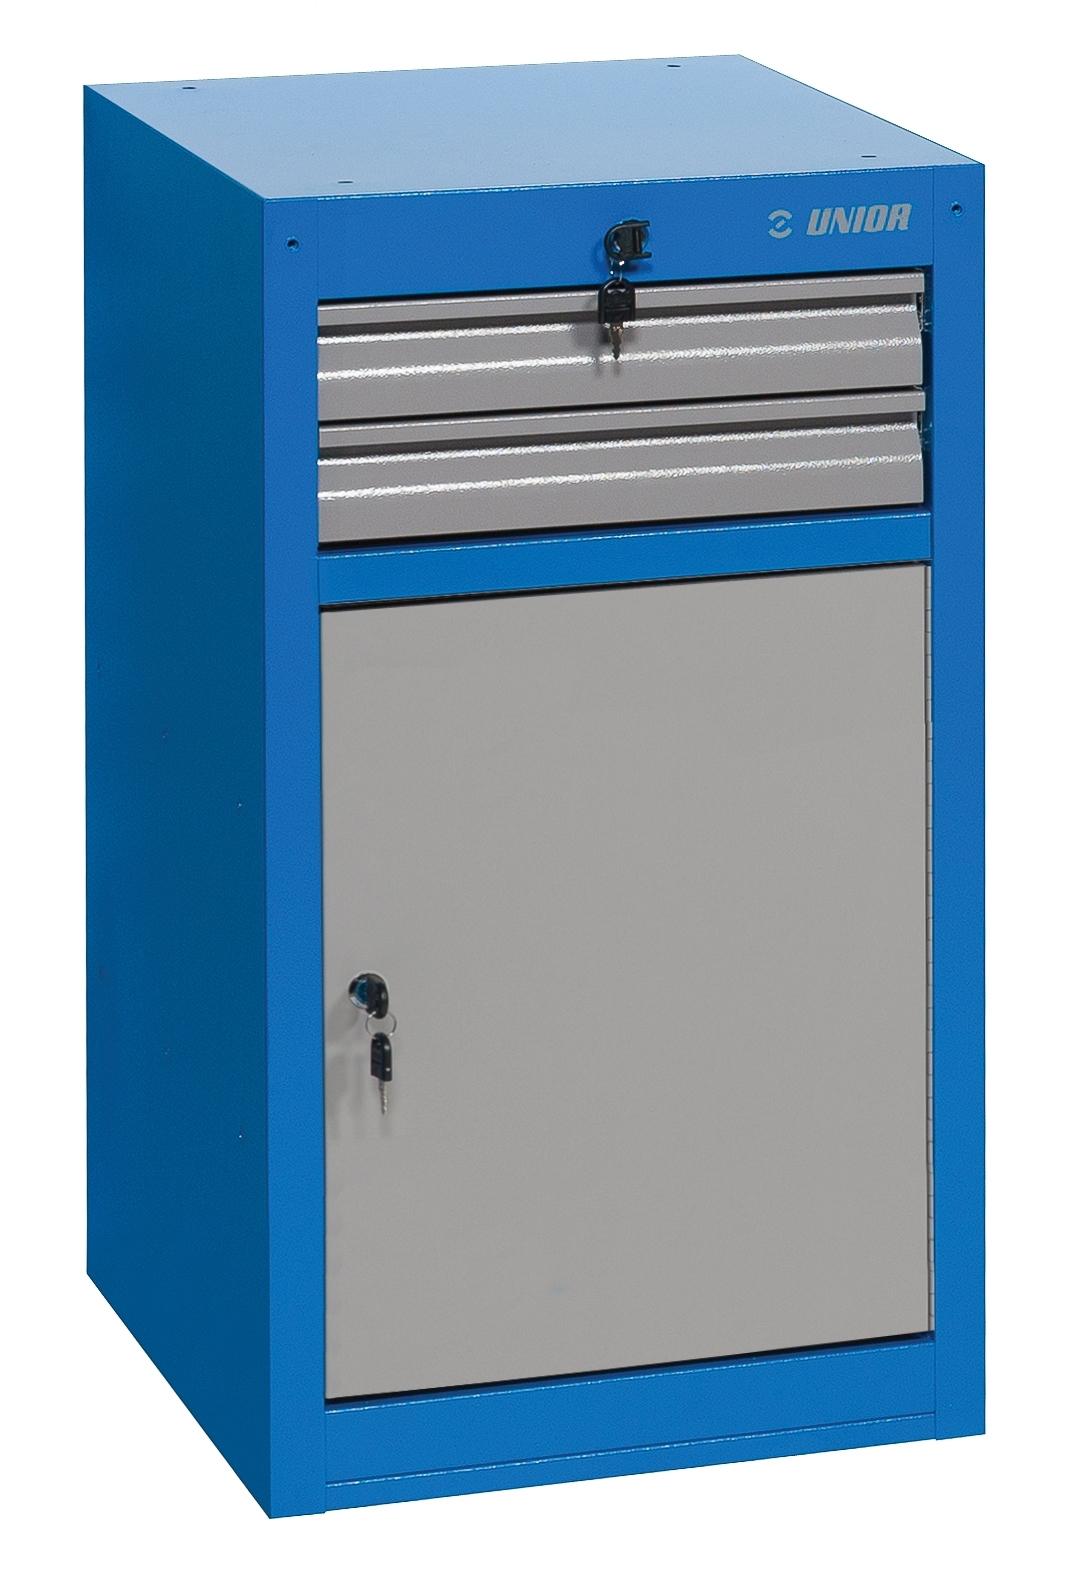 skříň dílenská UNIOR 2 úzká 475x650x870 mm